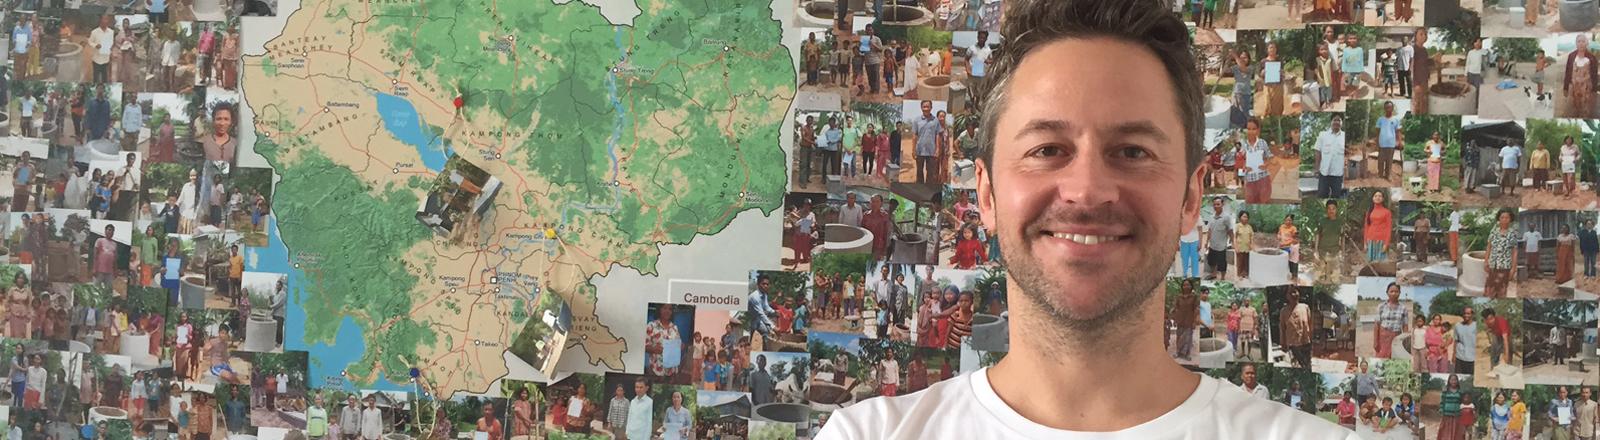 Florian Henle, 37 Jahre alt aus München wählt die Grünen. Er ist Protagonist in unserer Serie Meine Stimme.